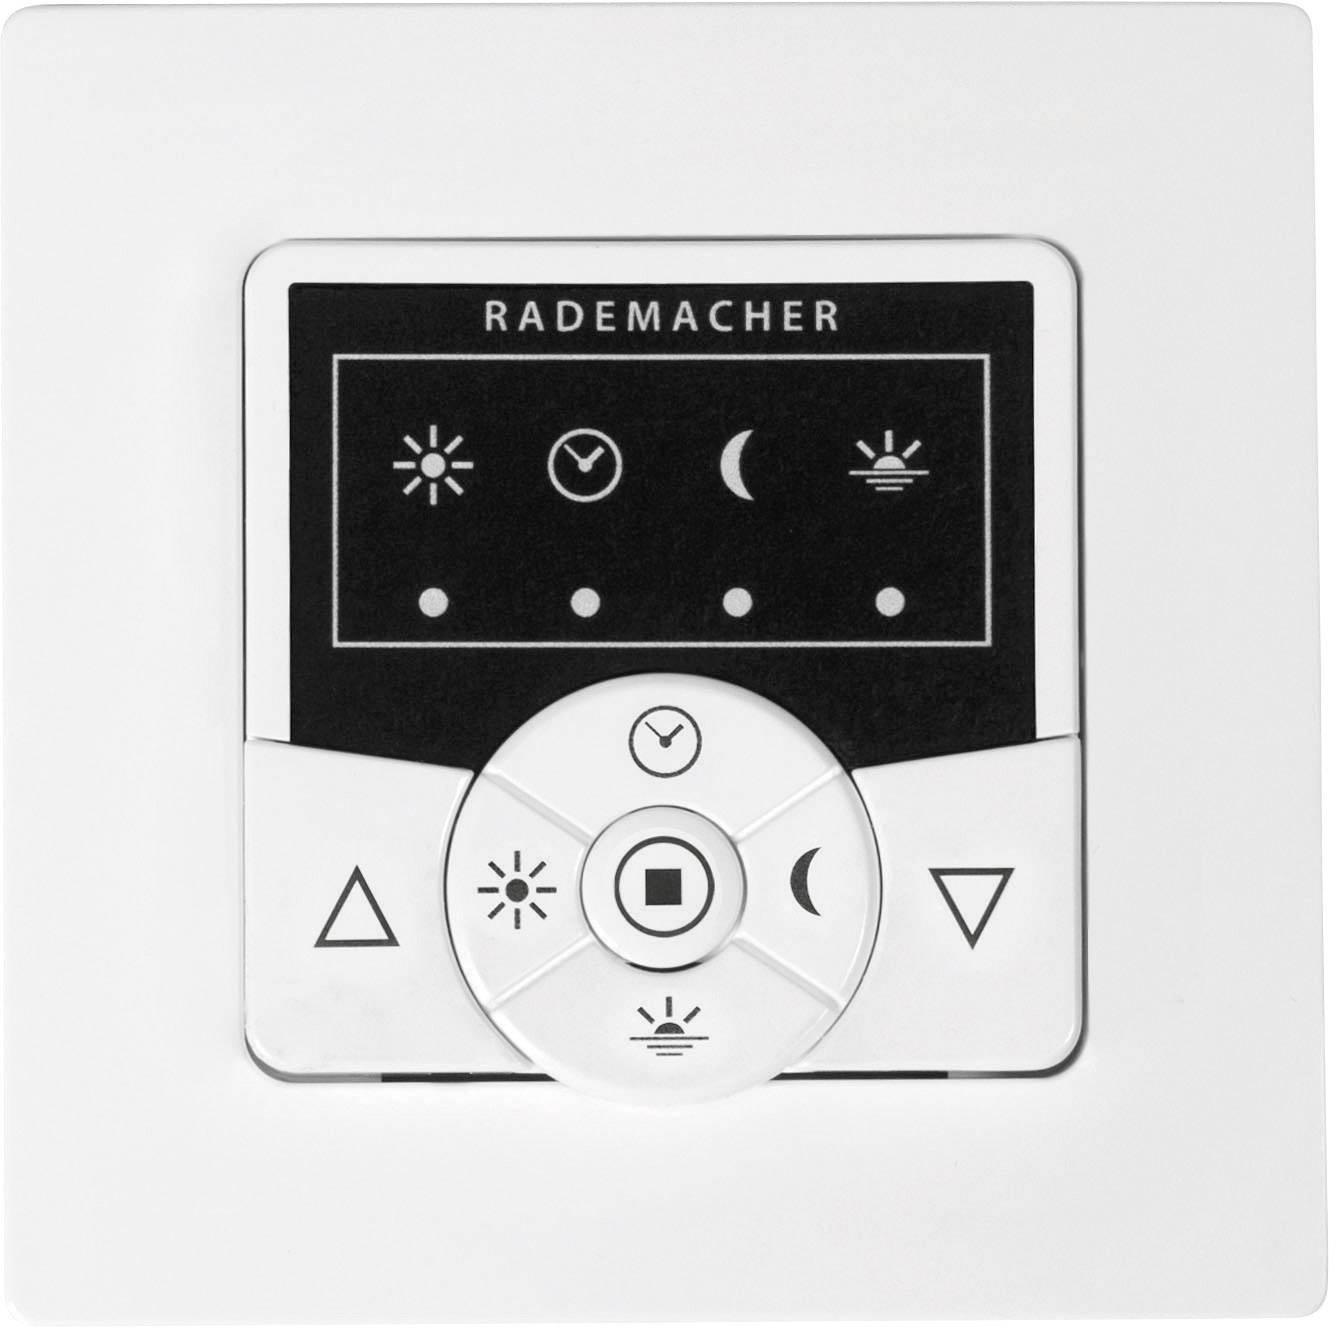 Bezdrôtový vypínač pod omietku WR Rademacher DuoFern Troll Basis DuoFern UW 5615 36500172